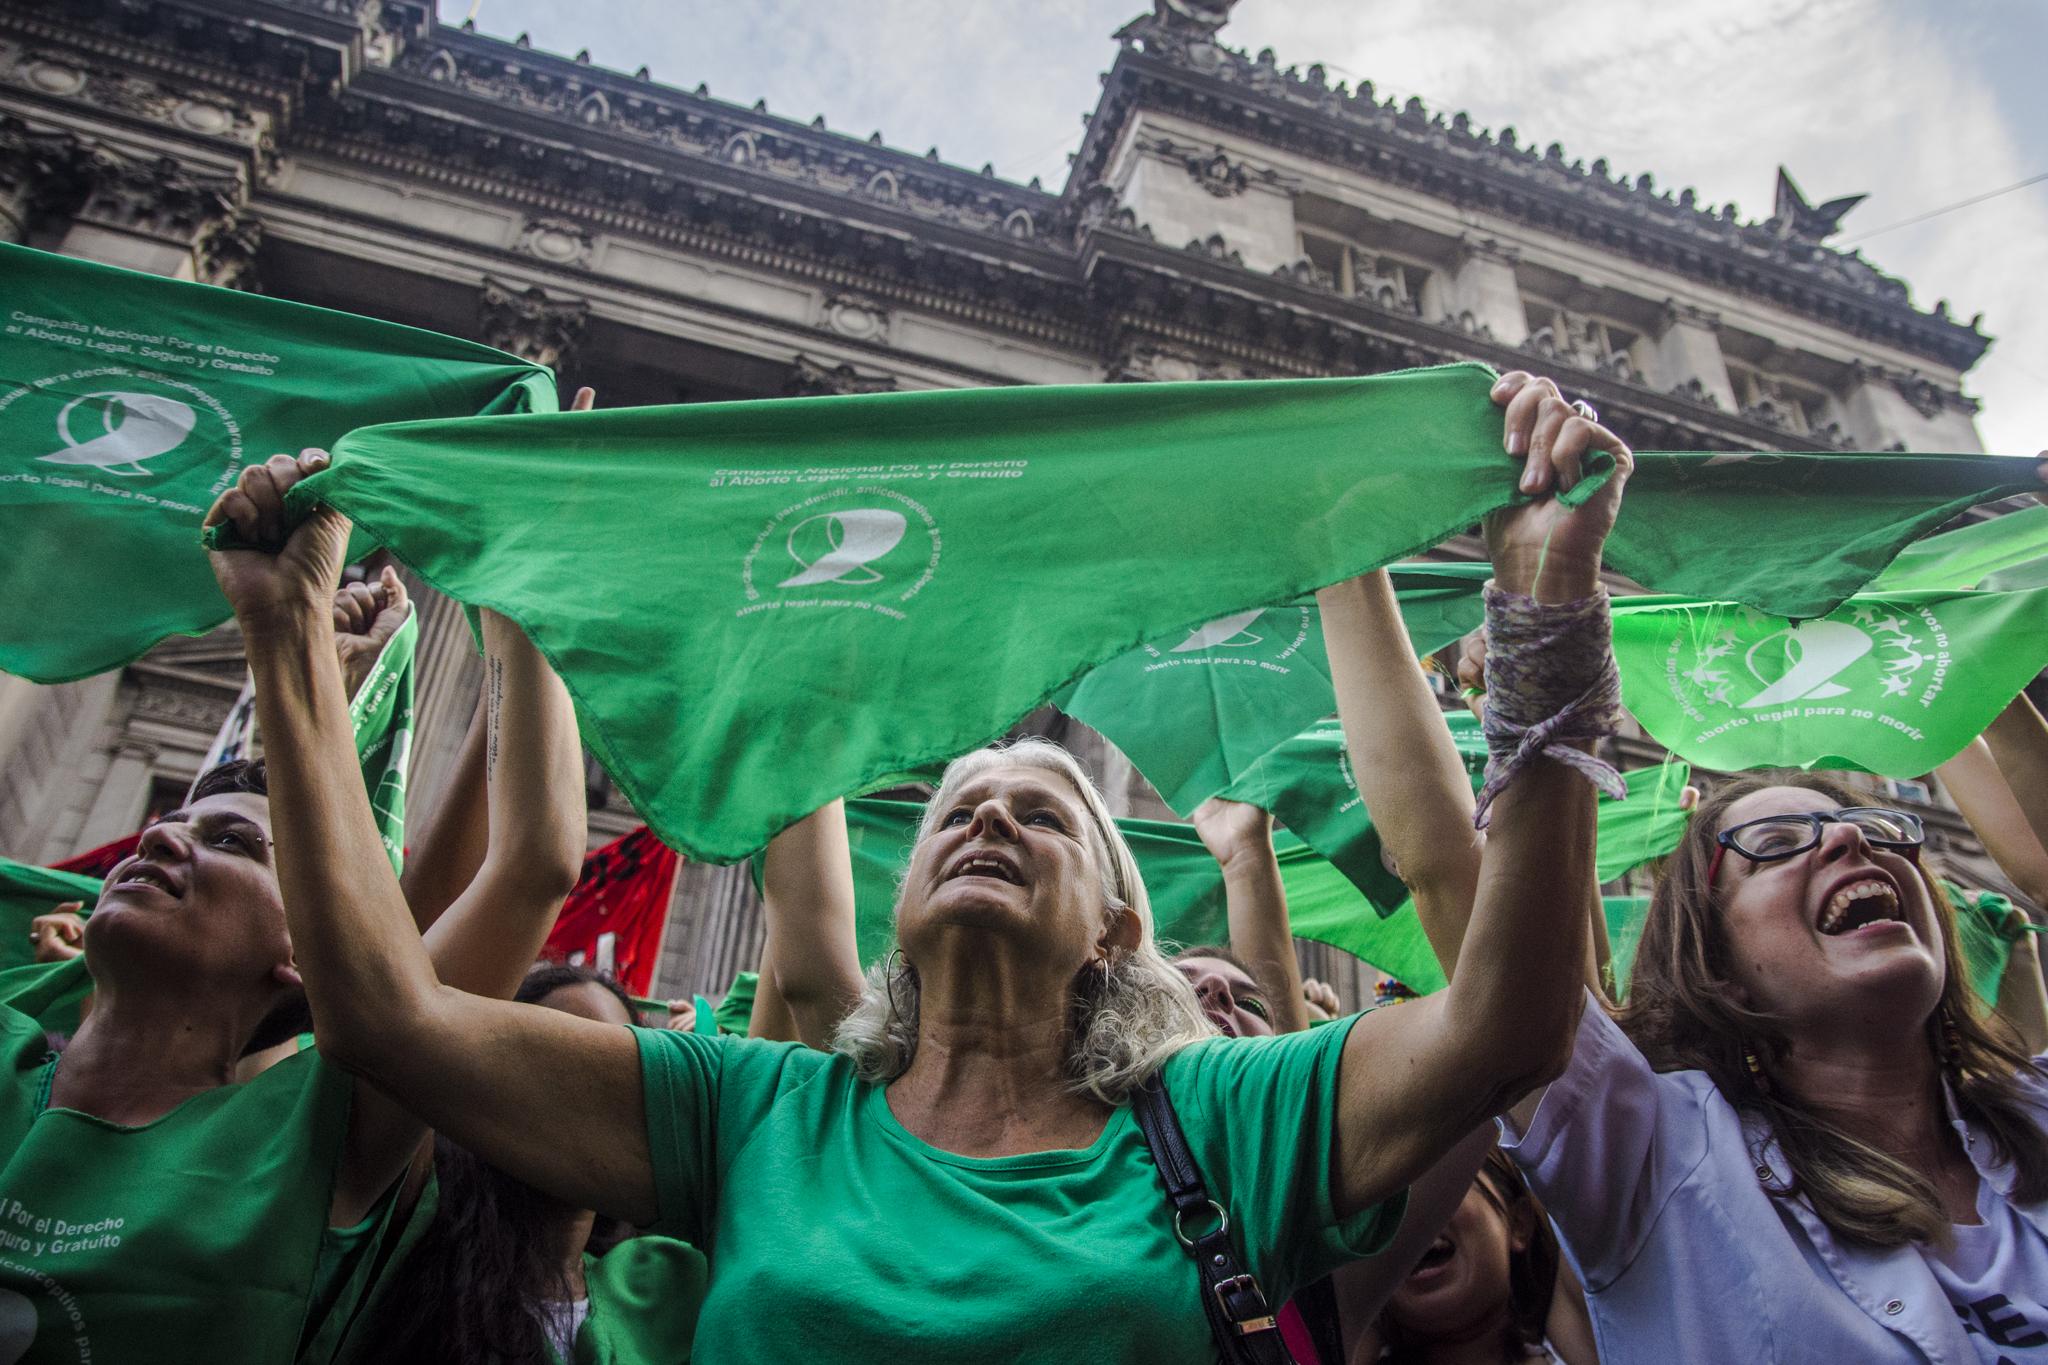 #AbortoLegalYa: la mirada federal al centro del debate